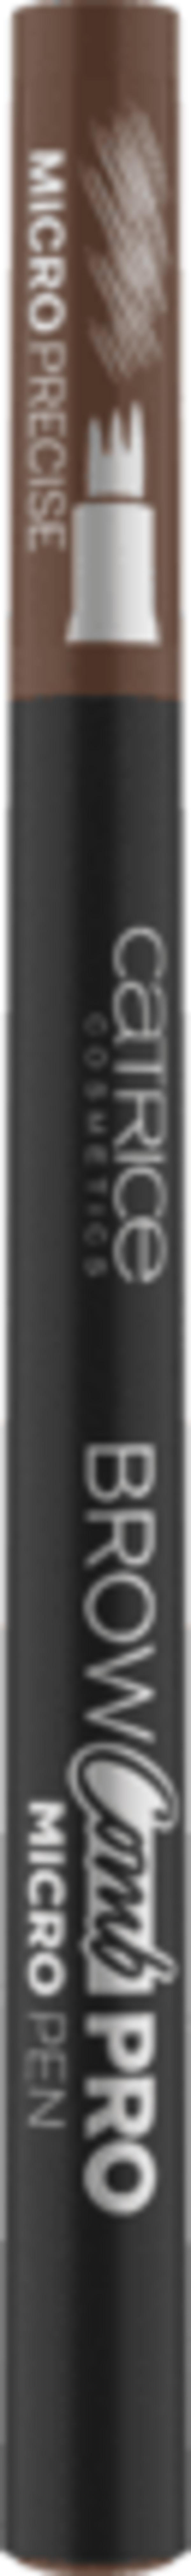 Catrice Augenbrauenstift Brow Comb Pro Micro Pen Dark Brown 040